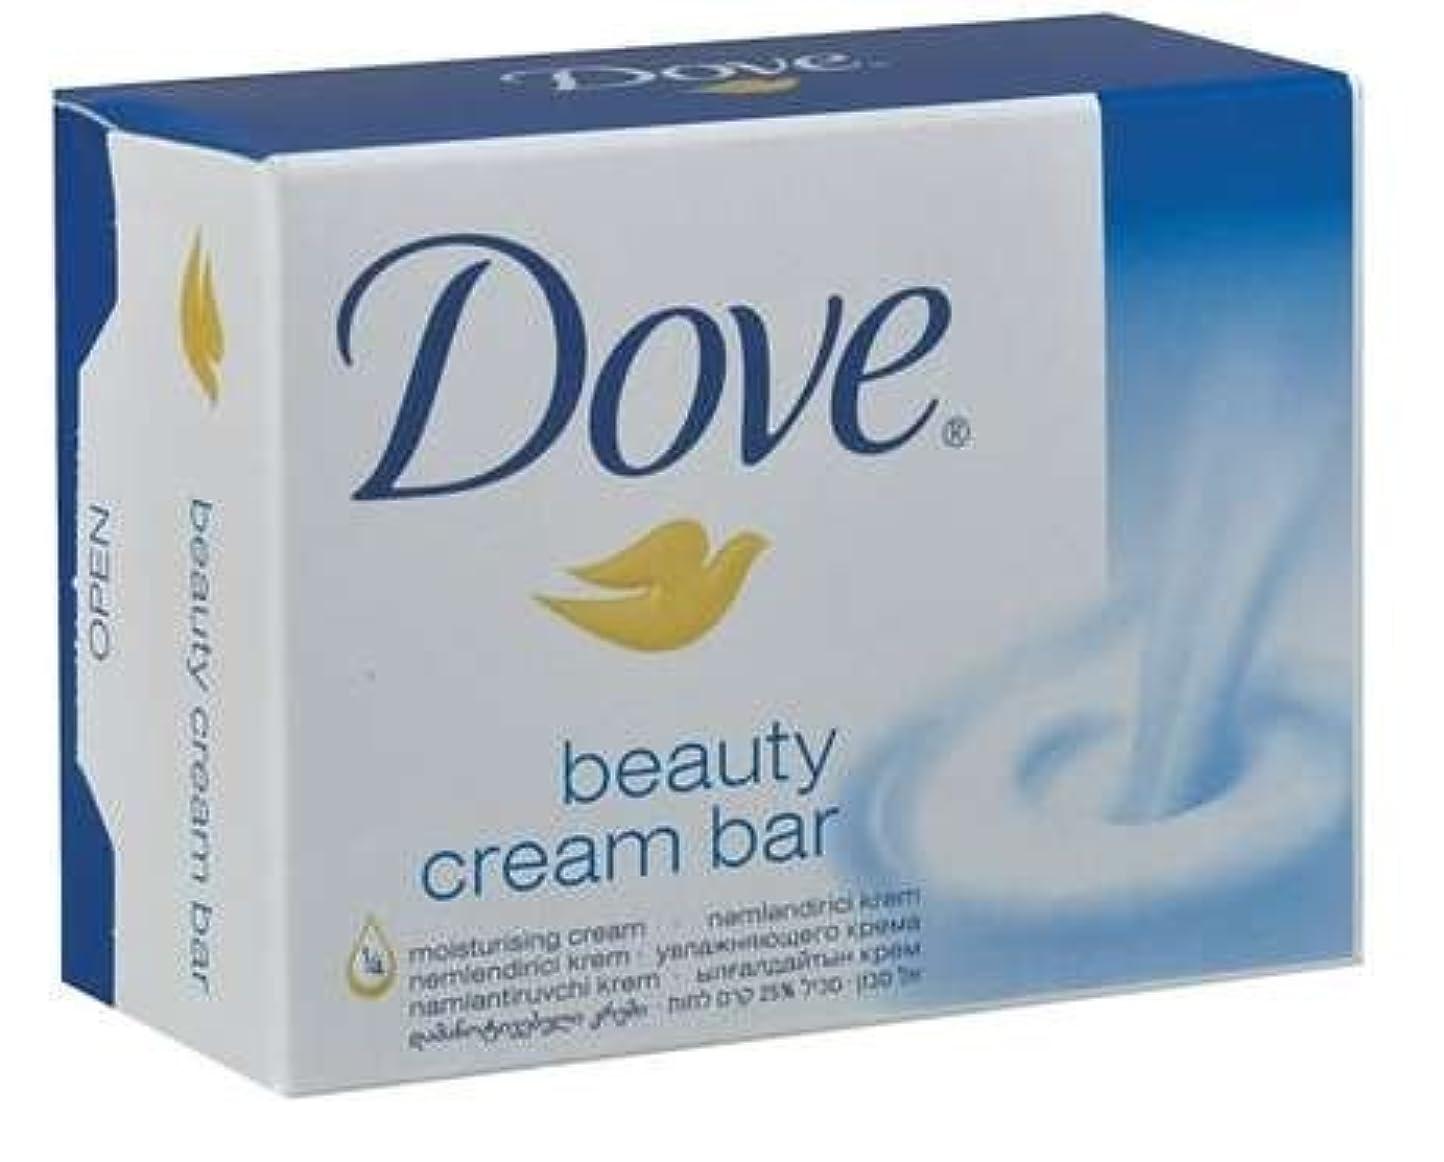 皿海賊安心させるDove Original Beauty Cream Bar White Soap 100 G / 3.5 Oz Bars (Pack of 12) by Dove [並行輸入品]